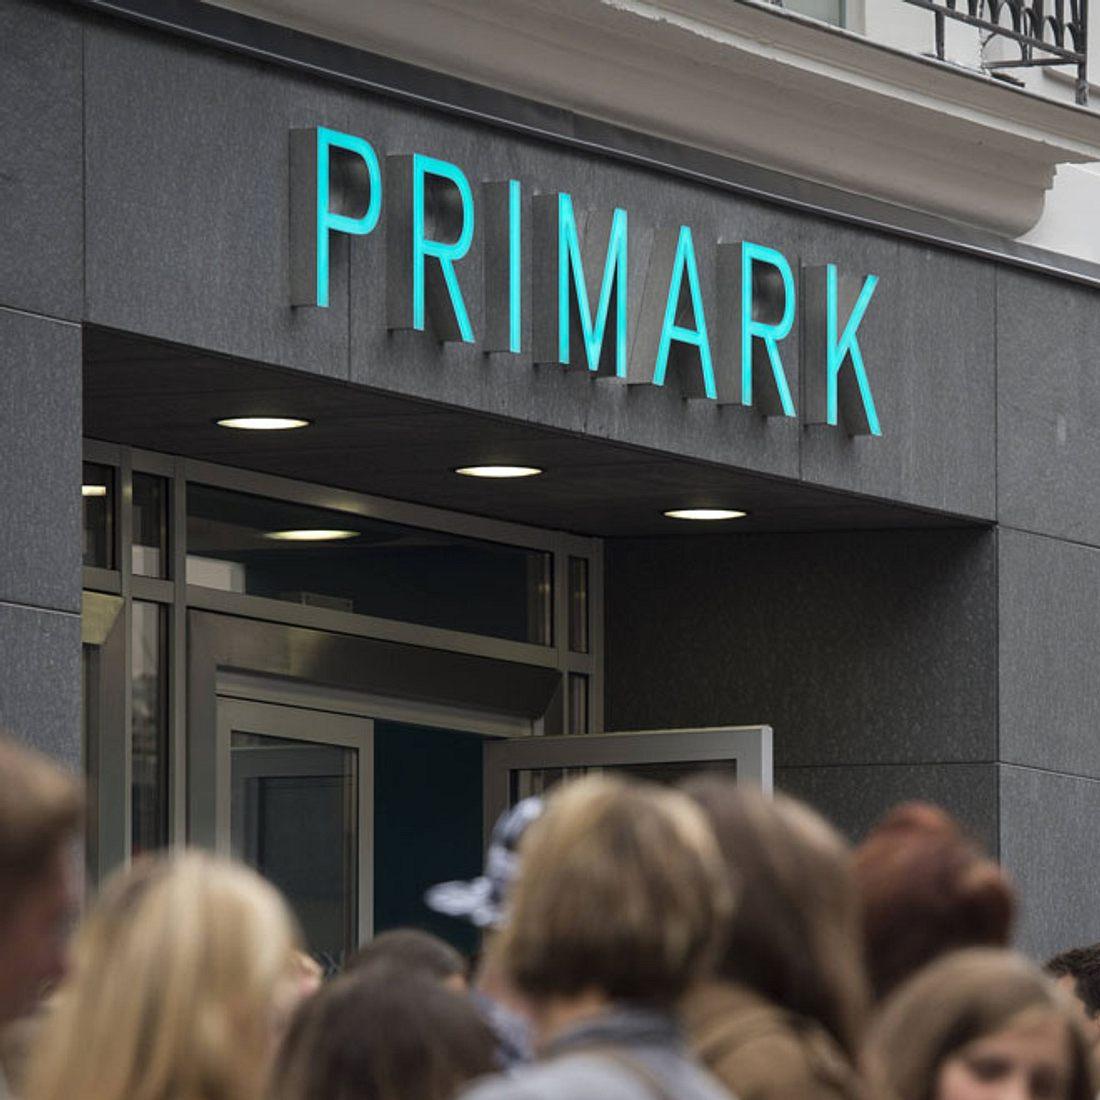 Mode-Fans flippen aus: Bei Primark gibt es jetzt eine echte Designertasche für 3 Euro!